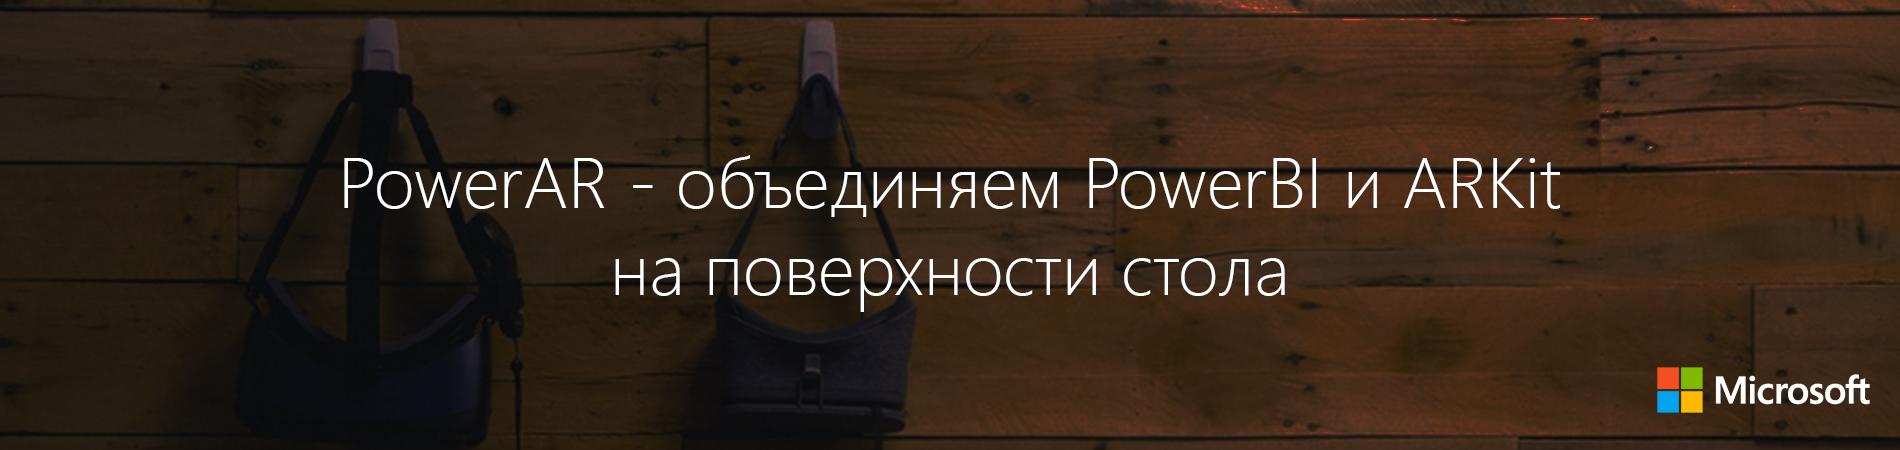 PowerAR — объединяем PowerBI и ARKit на поверхности стола